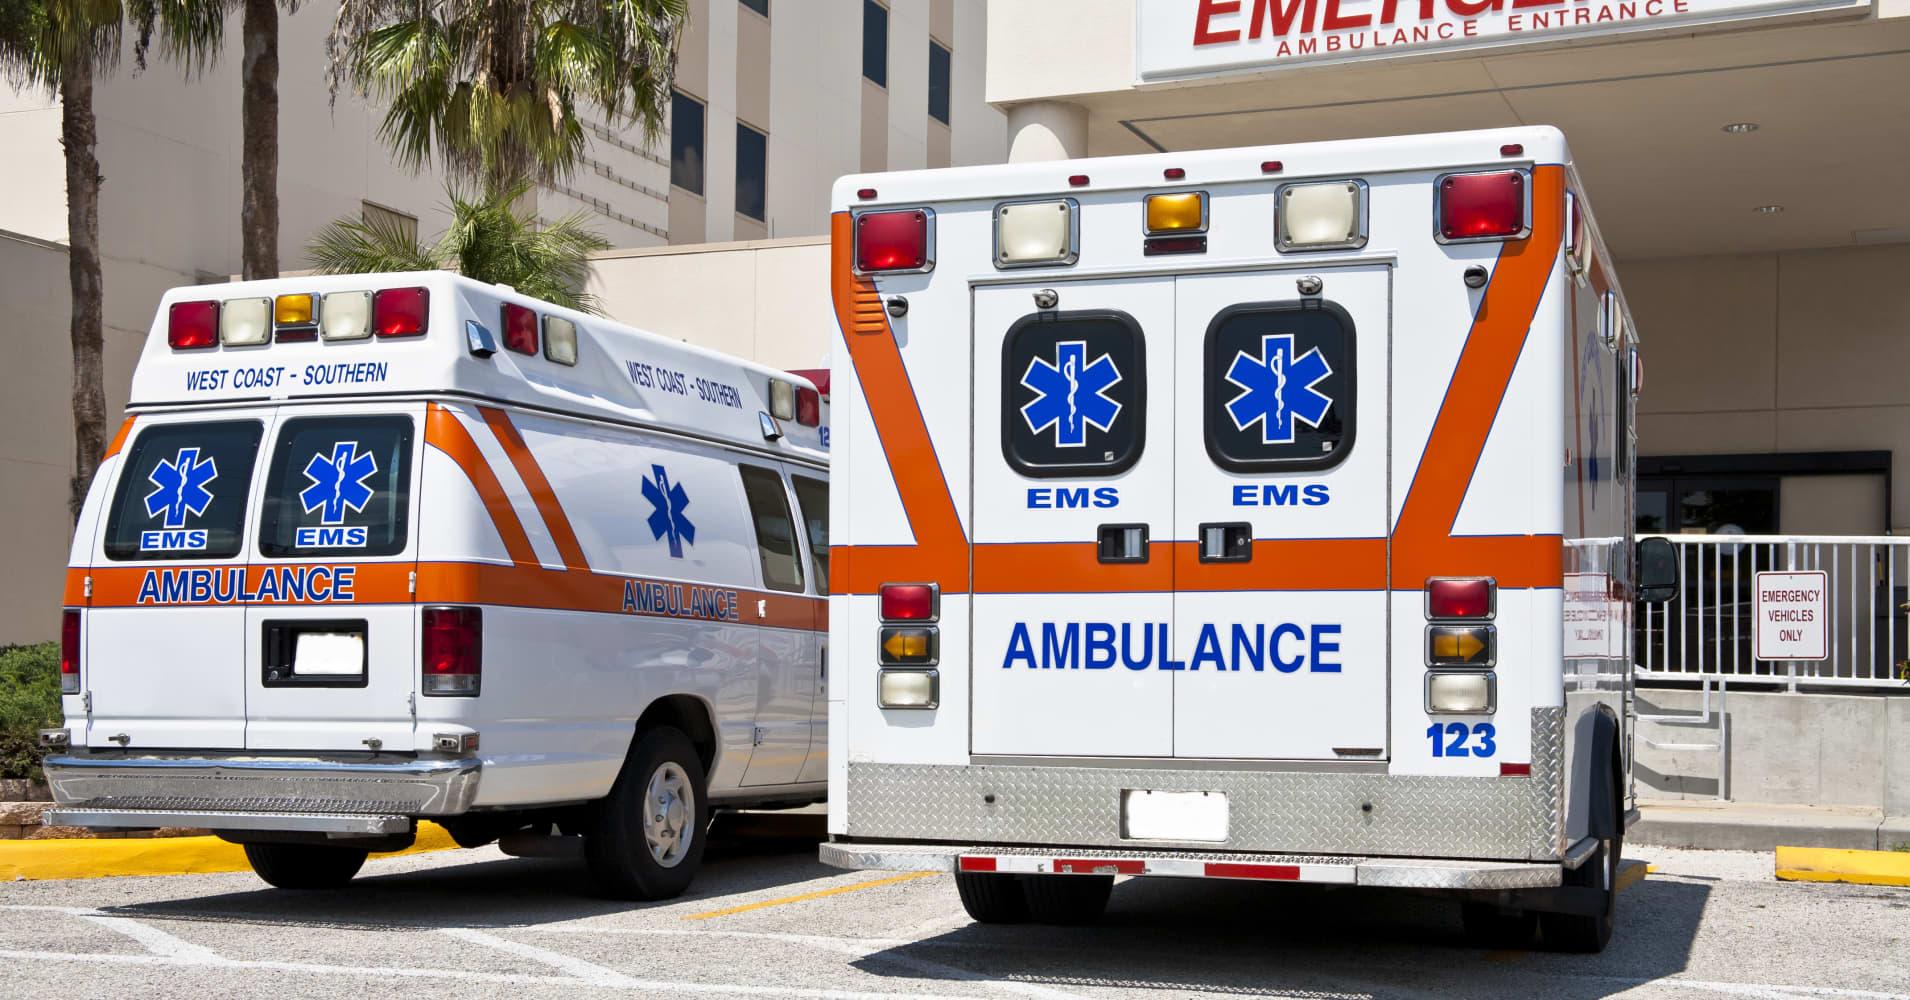 https://www.zerottounonews.it/wp-content/uploads/2021/02/usa-ambulanza.jpg